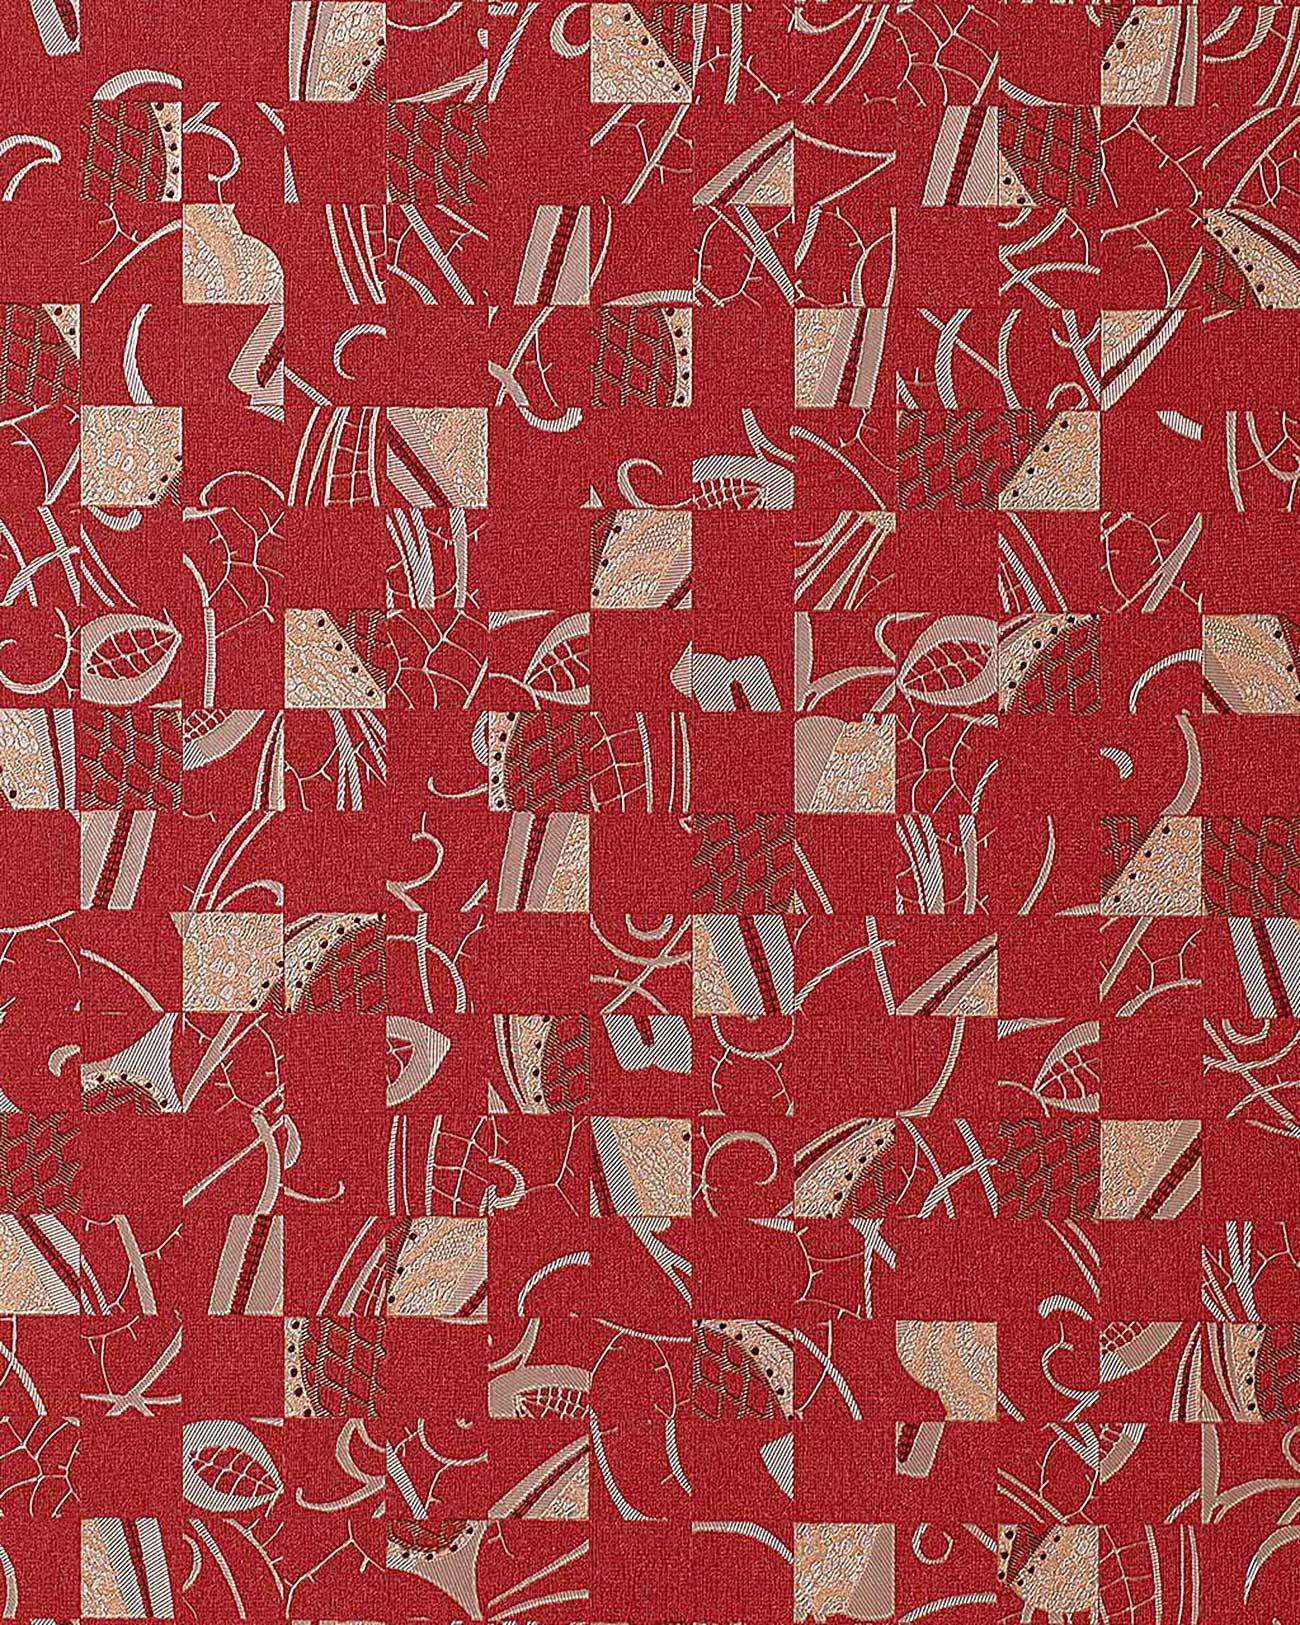 Papel pintado mystic arts collage edem 745 25 dibujo abstracto mosaico de arte con relieve color - Papel pintado color plata ...